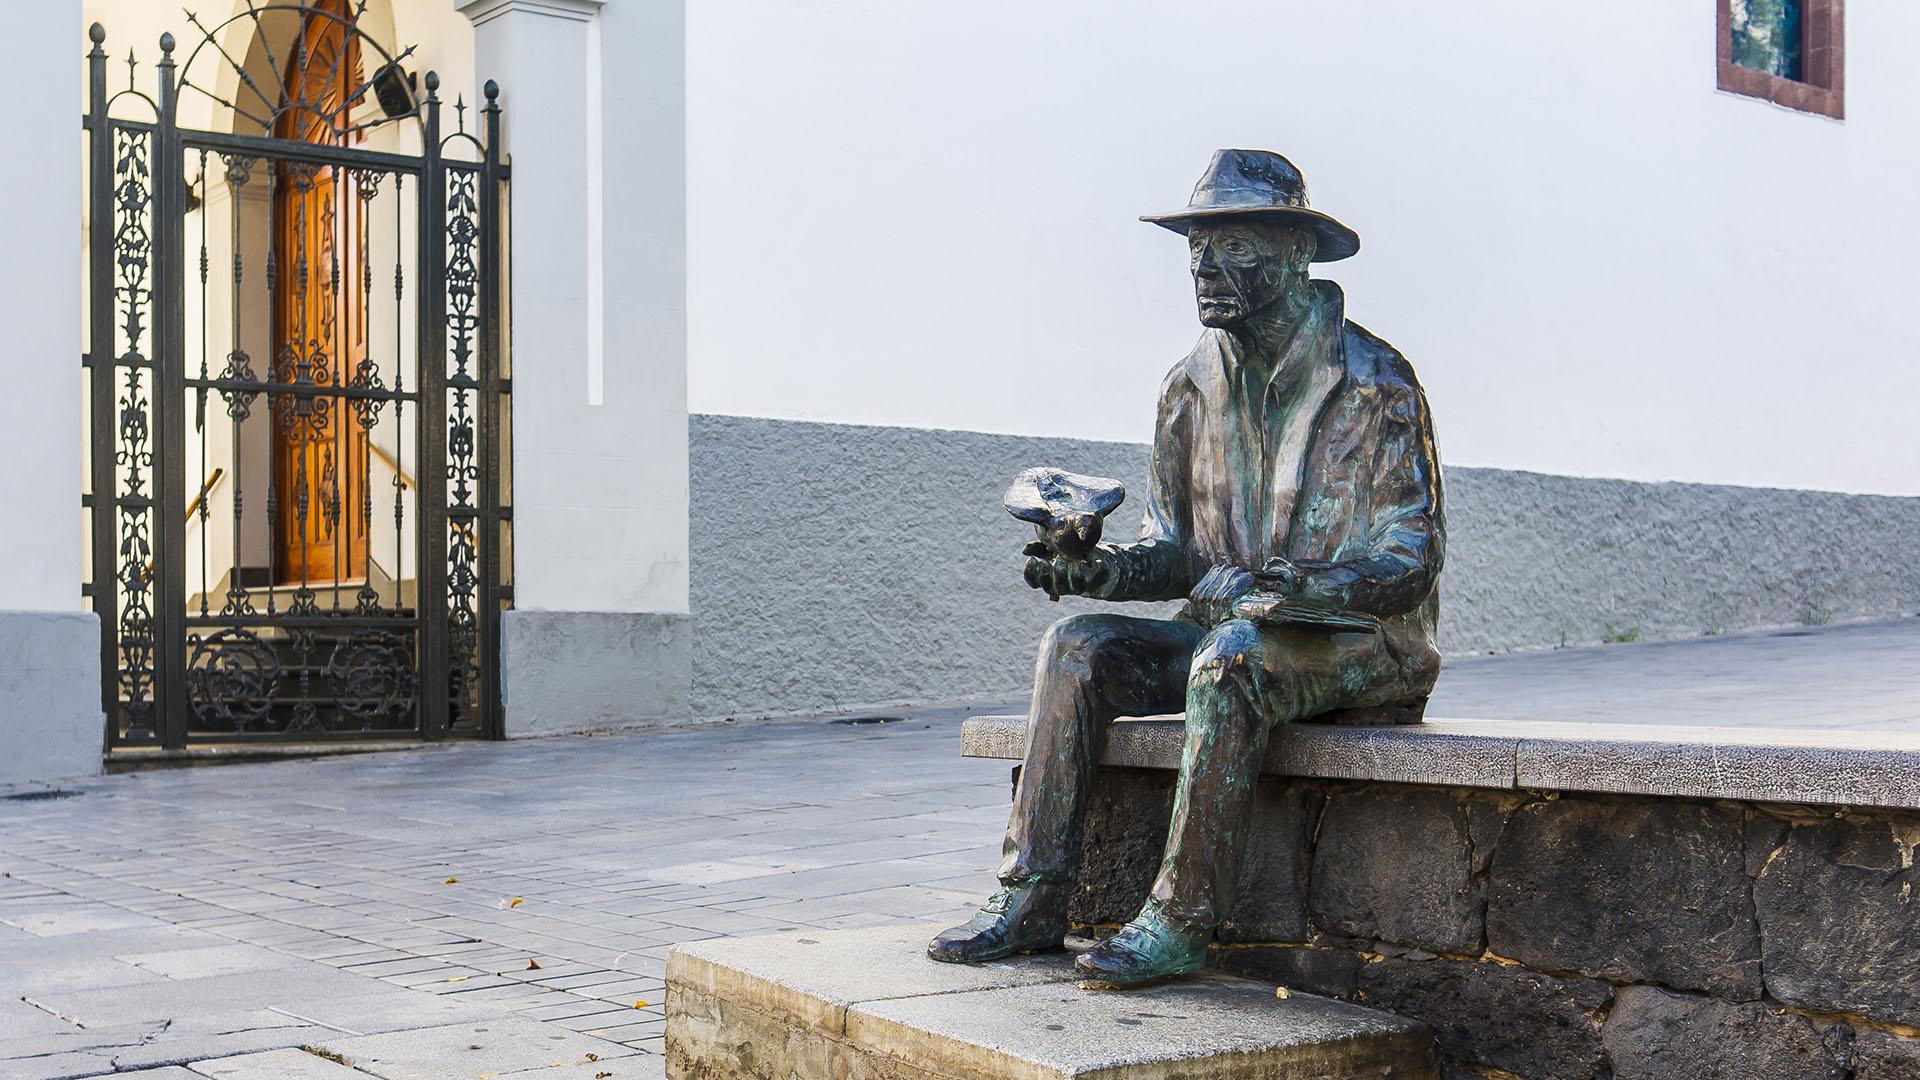 Homenaje a Suso Machín –Radiotelegrafist Spanisch Westsahara, in der Pension Maler und Schriftsteller Puerto del Rosario Fuerteventura.